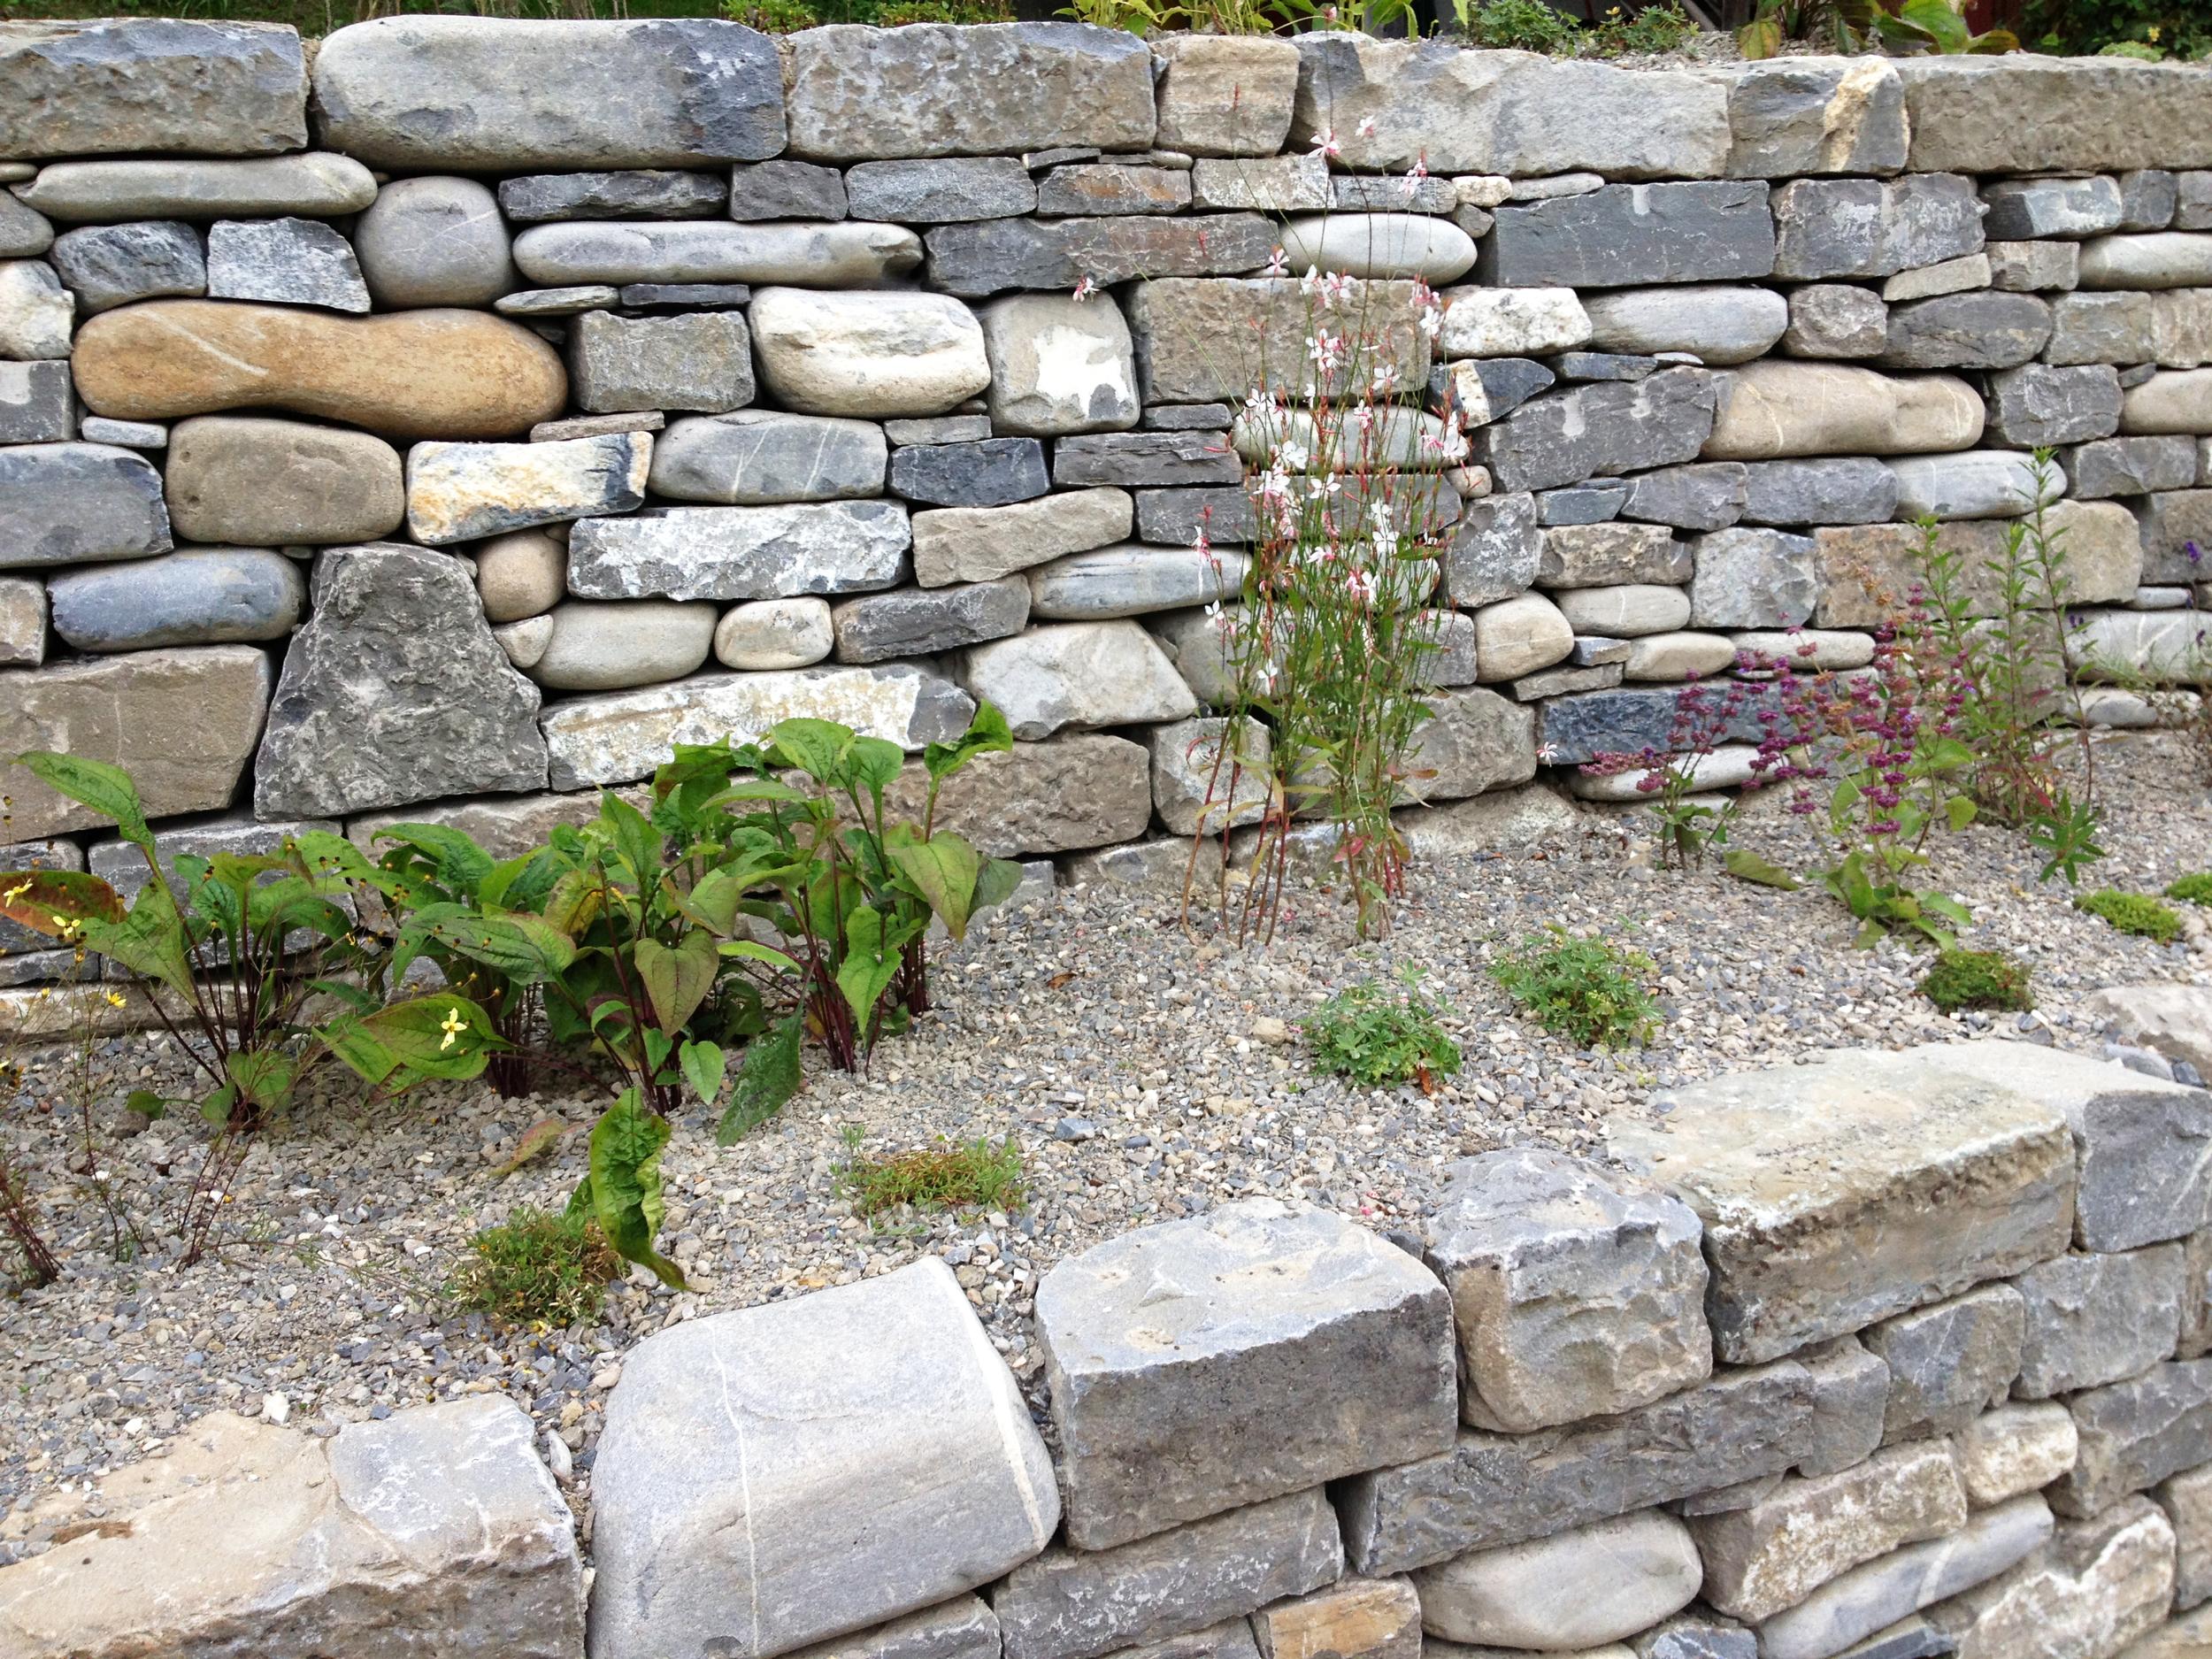 Die Staudenbepflanzung mit Blumen, Kräutern und Gräsern gleich nach Bauende. Der feine Kies dient als Mulchschicht zur Unterdrückung von auflaufenden Unkräutern.